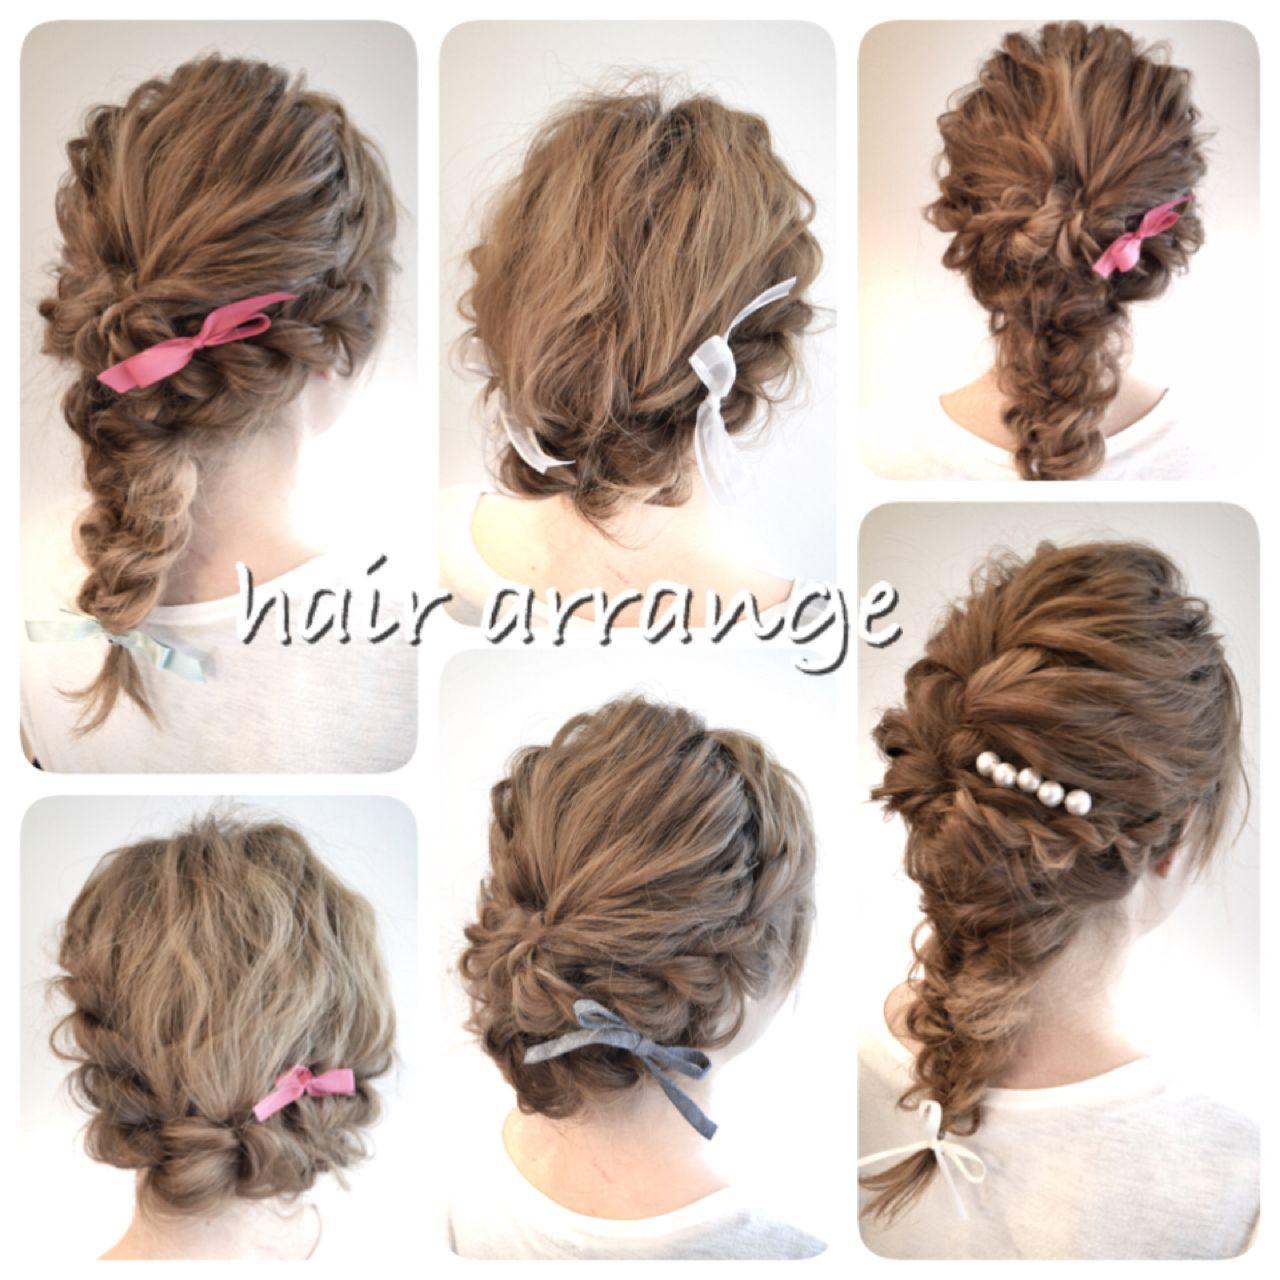 アップスタイル ストリート ロング 結婚式 ヘアスタイルや髪型の写真・画像